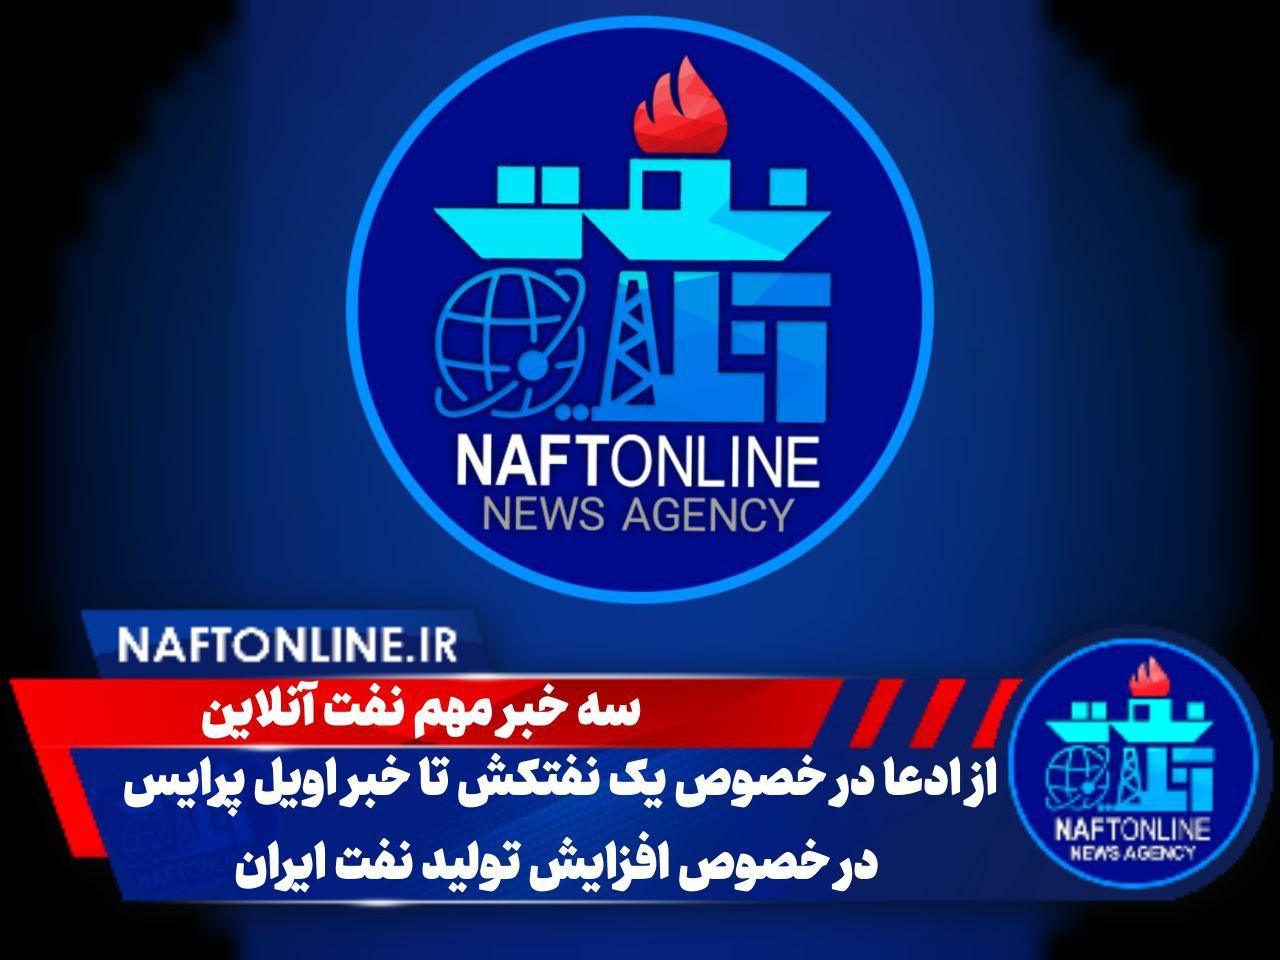 سه خبر مهم نفت آنلاین | افزایش تولید نفت ایران ، ادعا در خصوص یک نفتکش و کمک نفتی اسرائیل به امارات